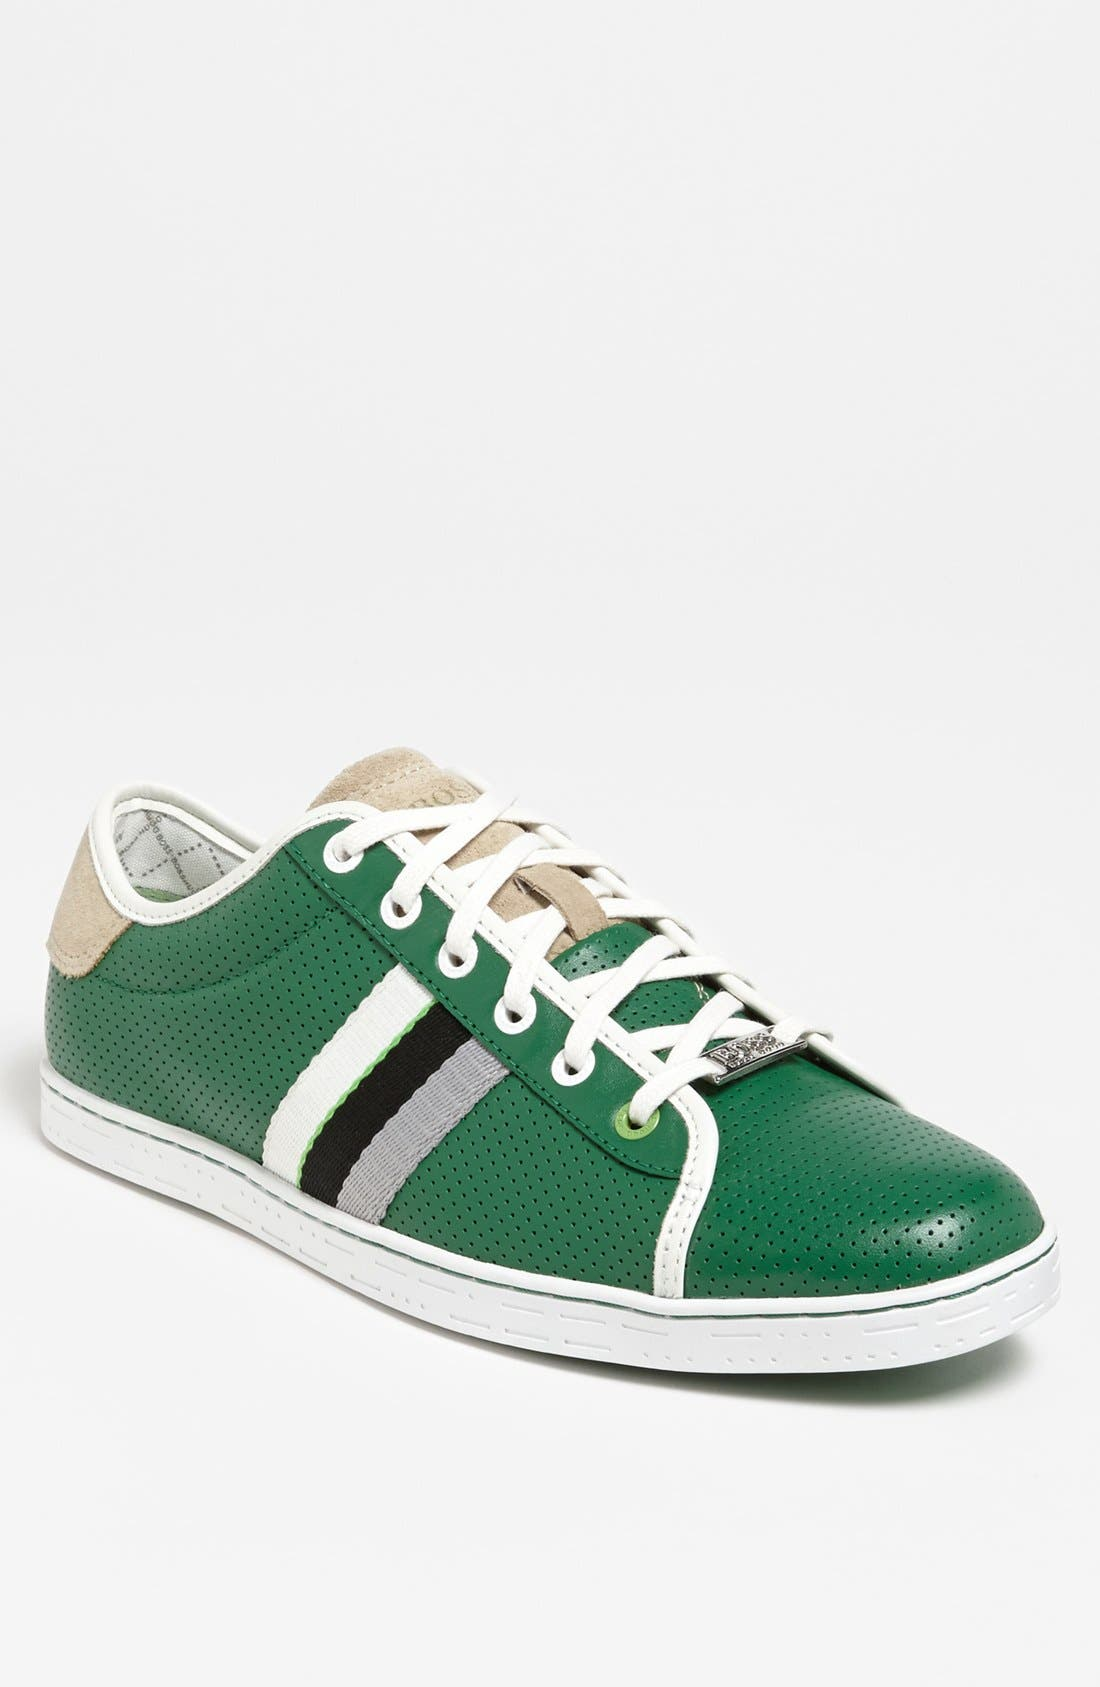 Alternate Image 1 Selected - BOSS Green 'Micks' Sneaker